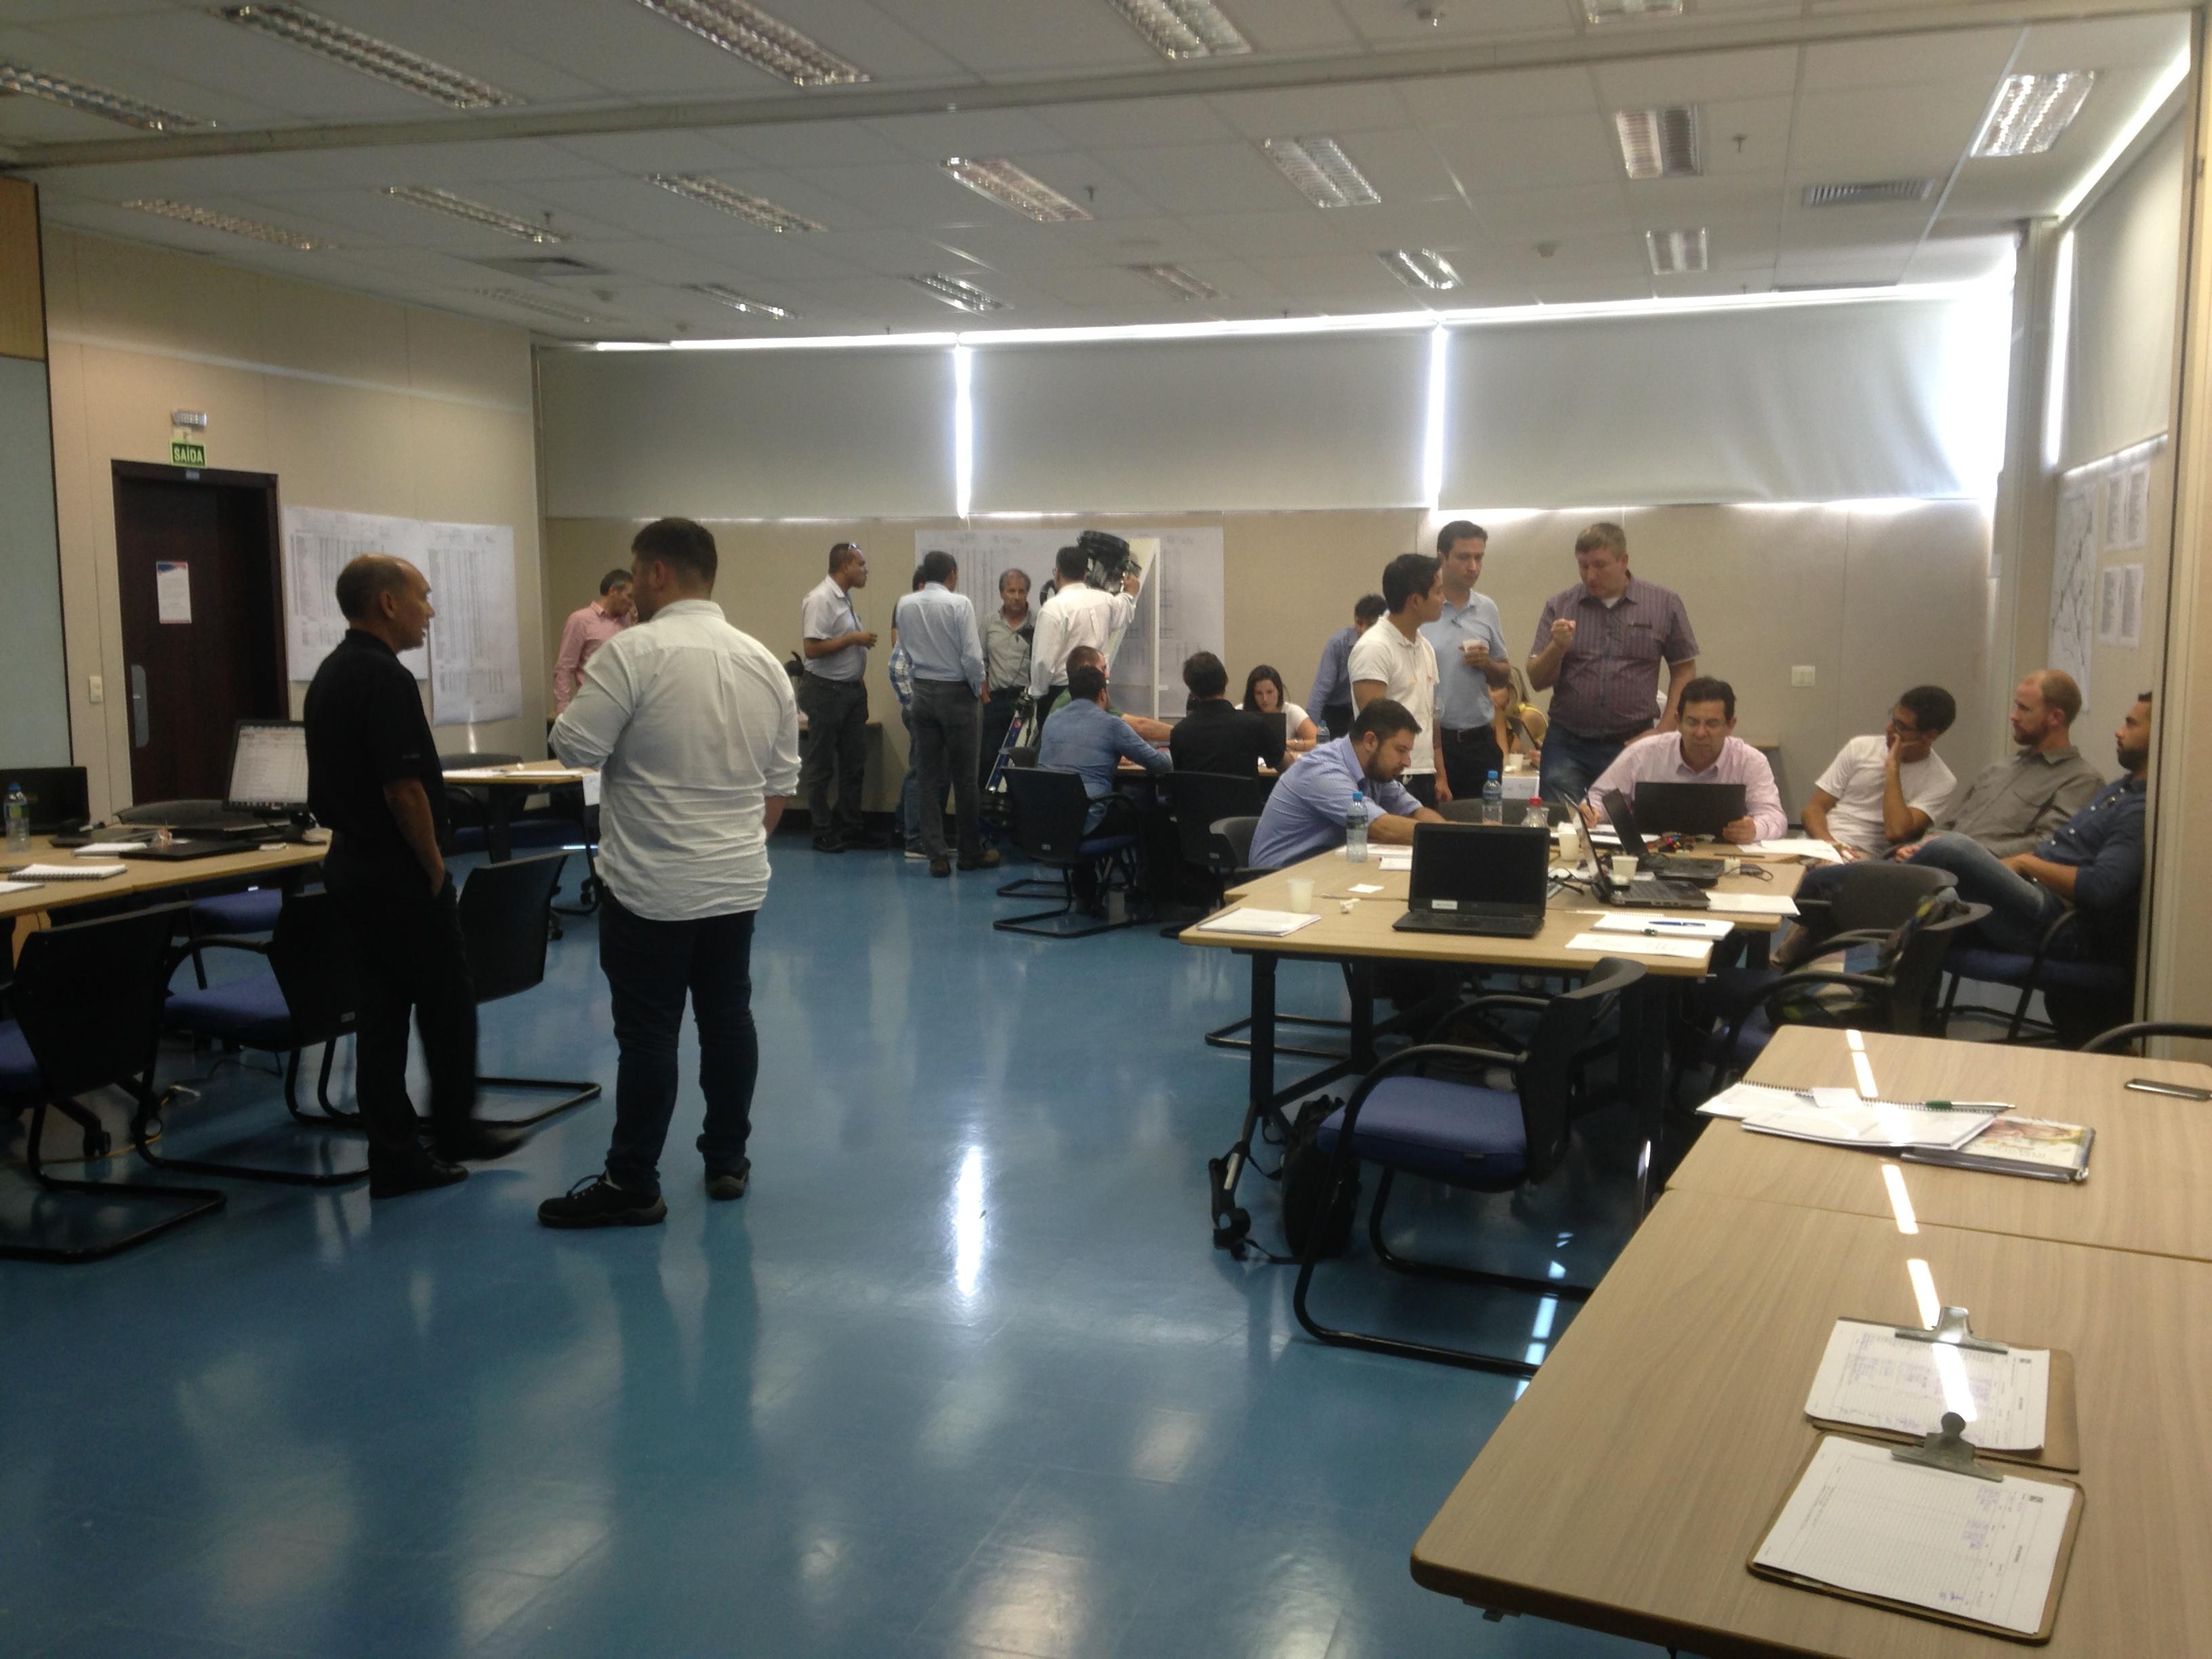 Equipe da AAM South America em Curitiba no curso de Engenharia e Análise do Valor. 9 e 10/2/17